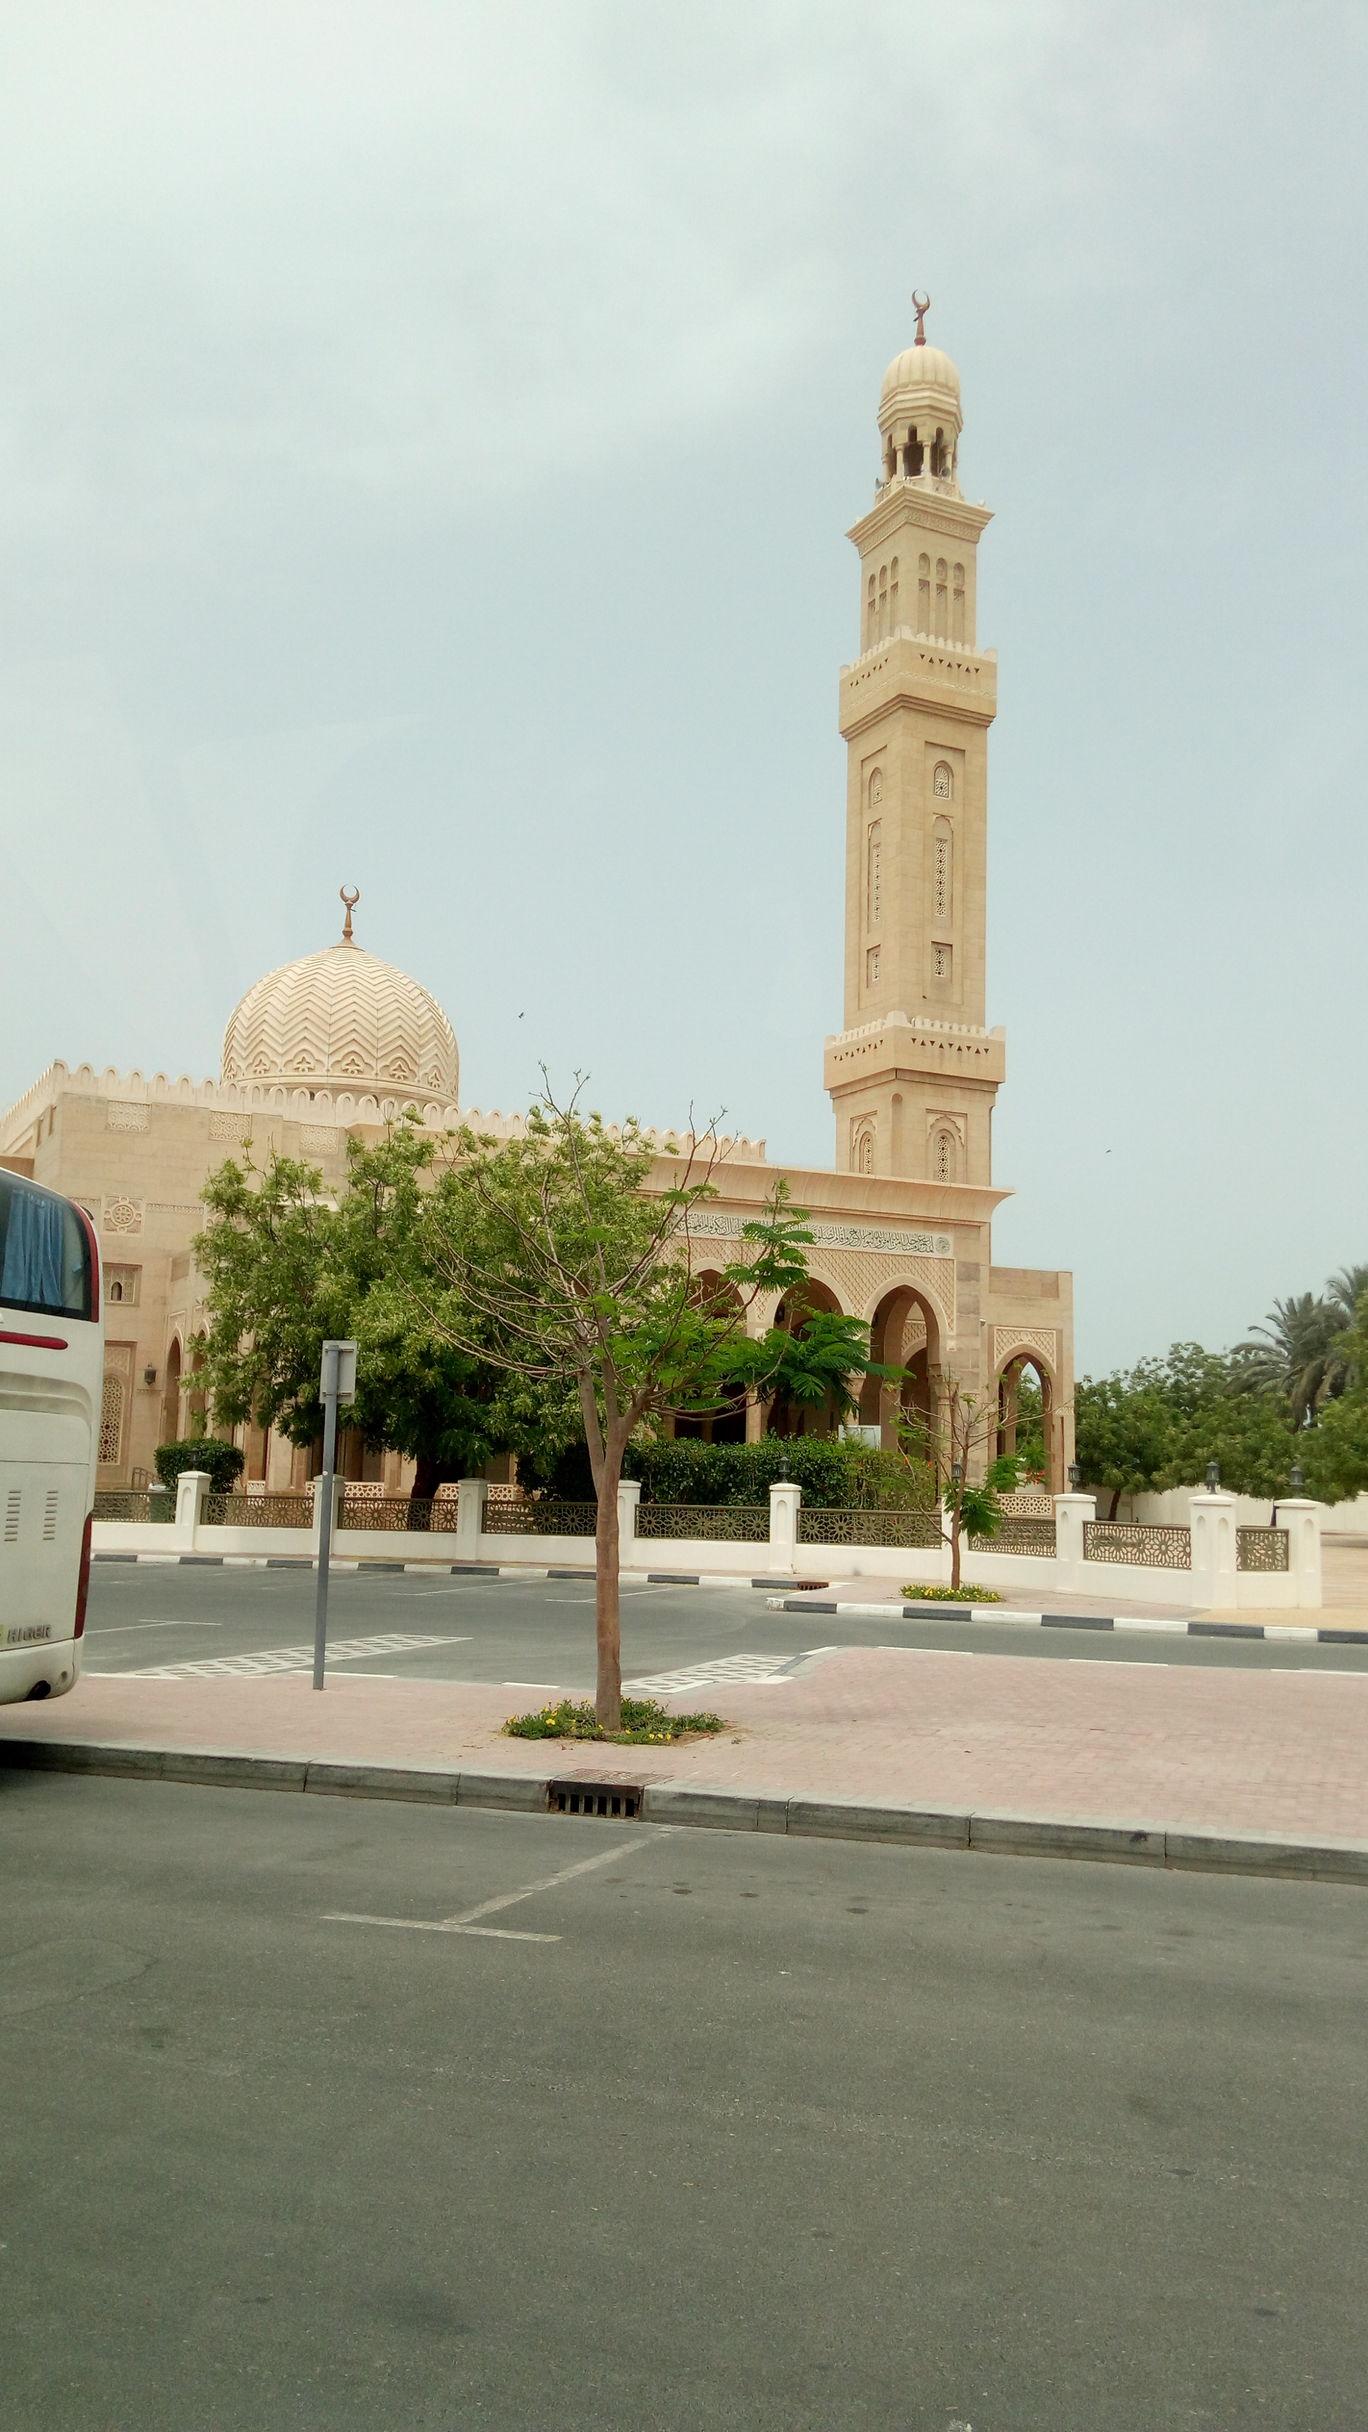 Photo of Dubai - United Arab Emirates By Ayushi Sangotra